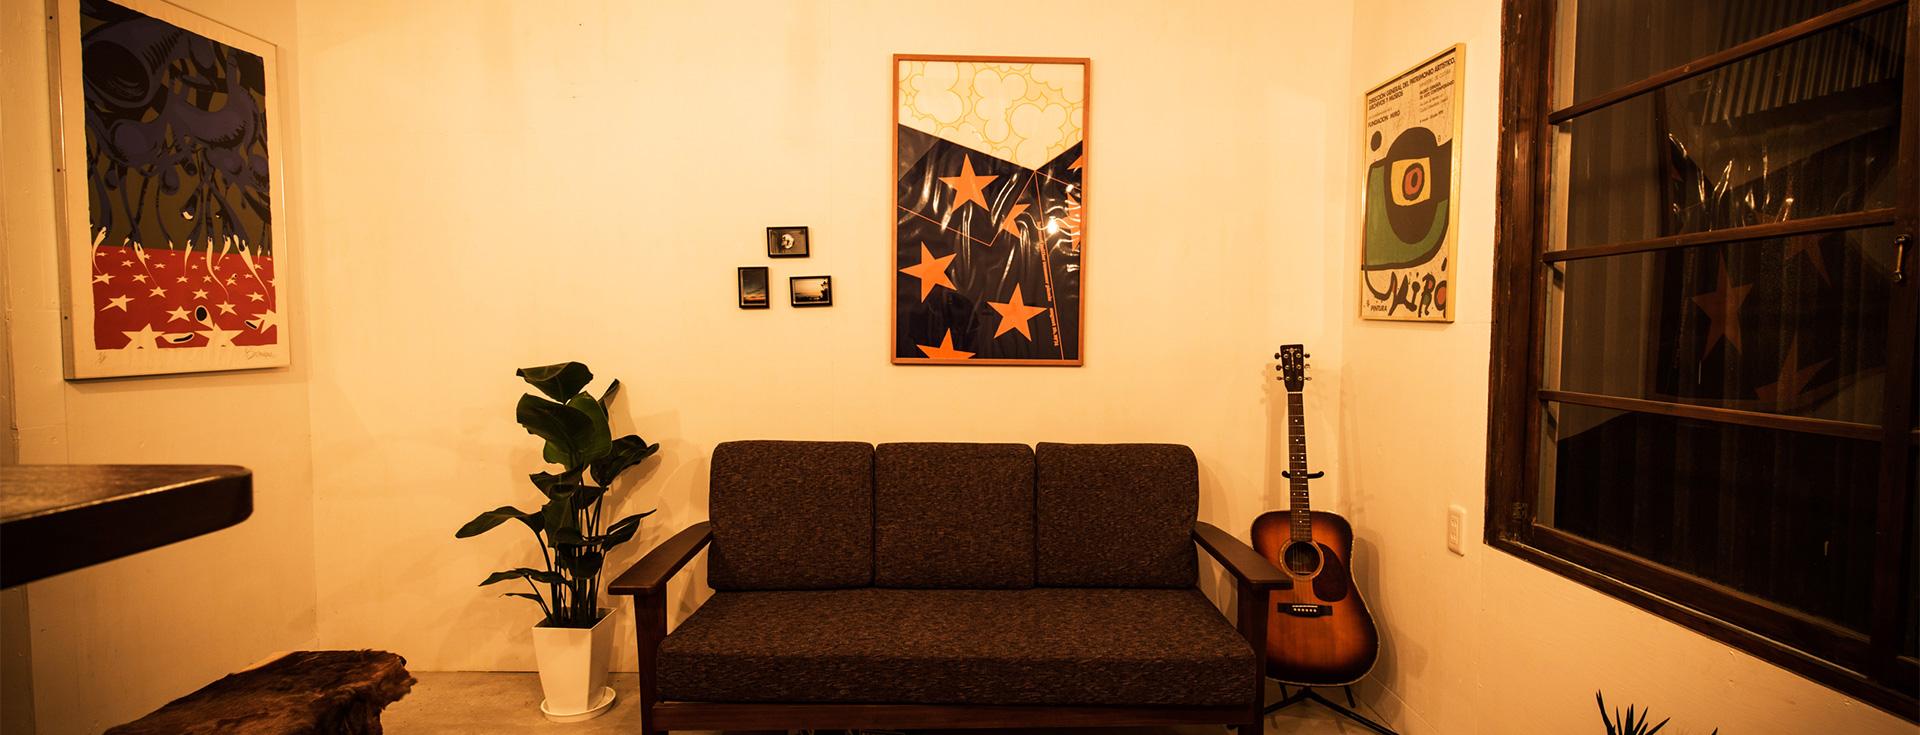 Traditional Apartment | トラディショナルアパートメント